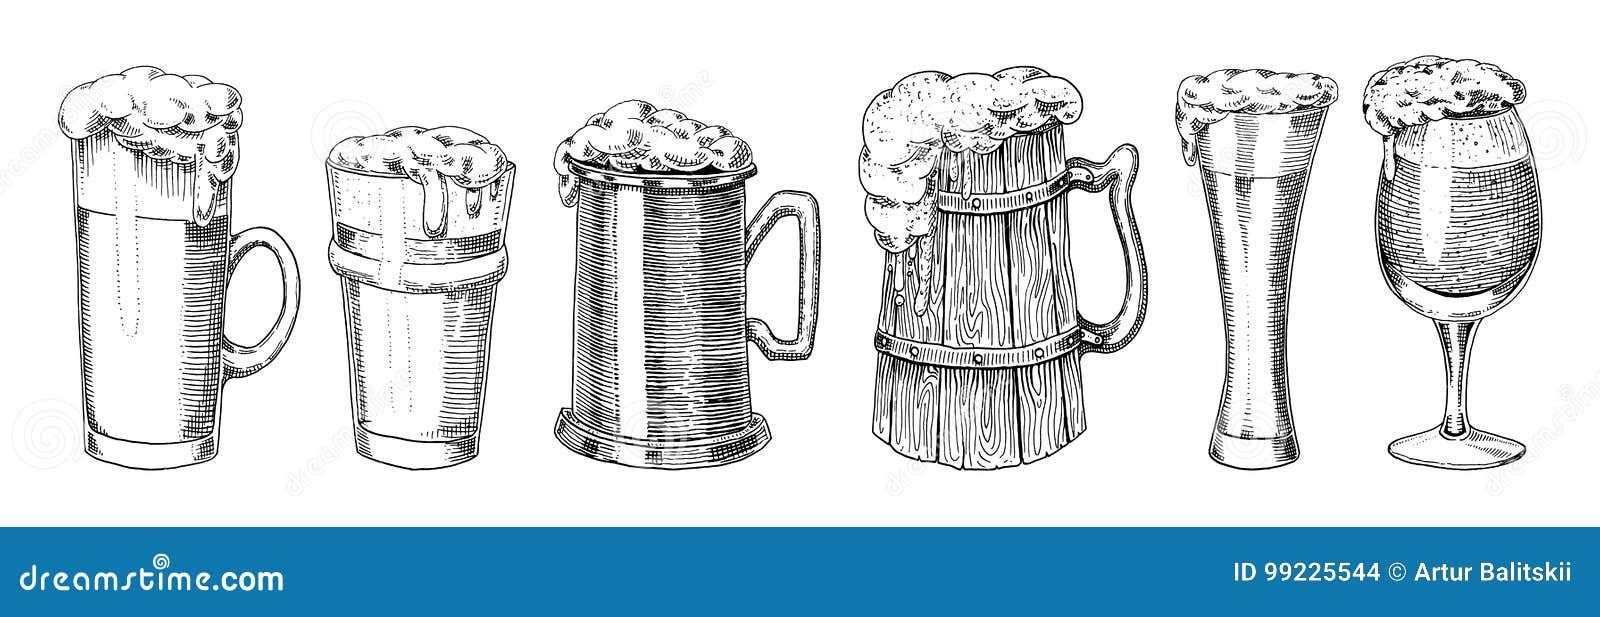 Γυαλί, κούπα ή μπουκάλι μπύρας πιό oktoberfest που χαράσσονται στο χέρι μελανιού που σύρεται στο παλαιό σκίτσο και το εκλεκτής πο